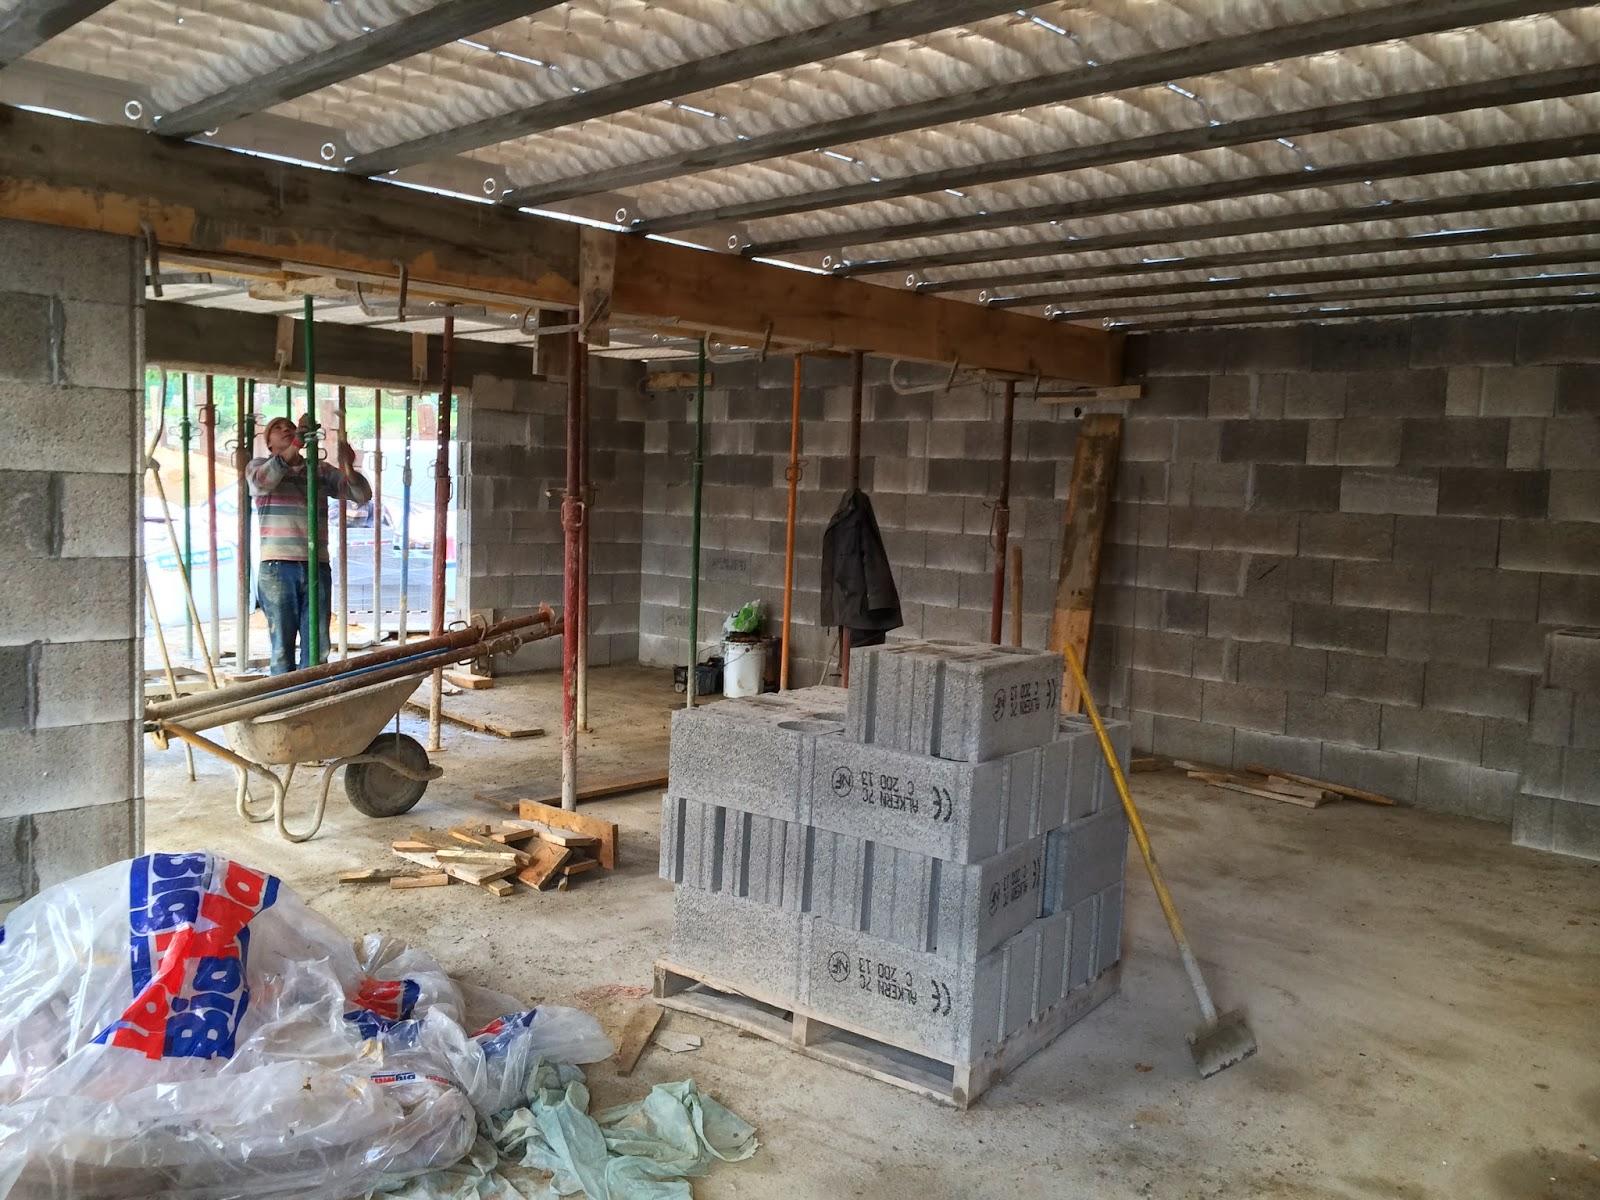 les guigniers dallage du toit plat du garage. Black Bedroom Furniture Sets. Home Design Ideas